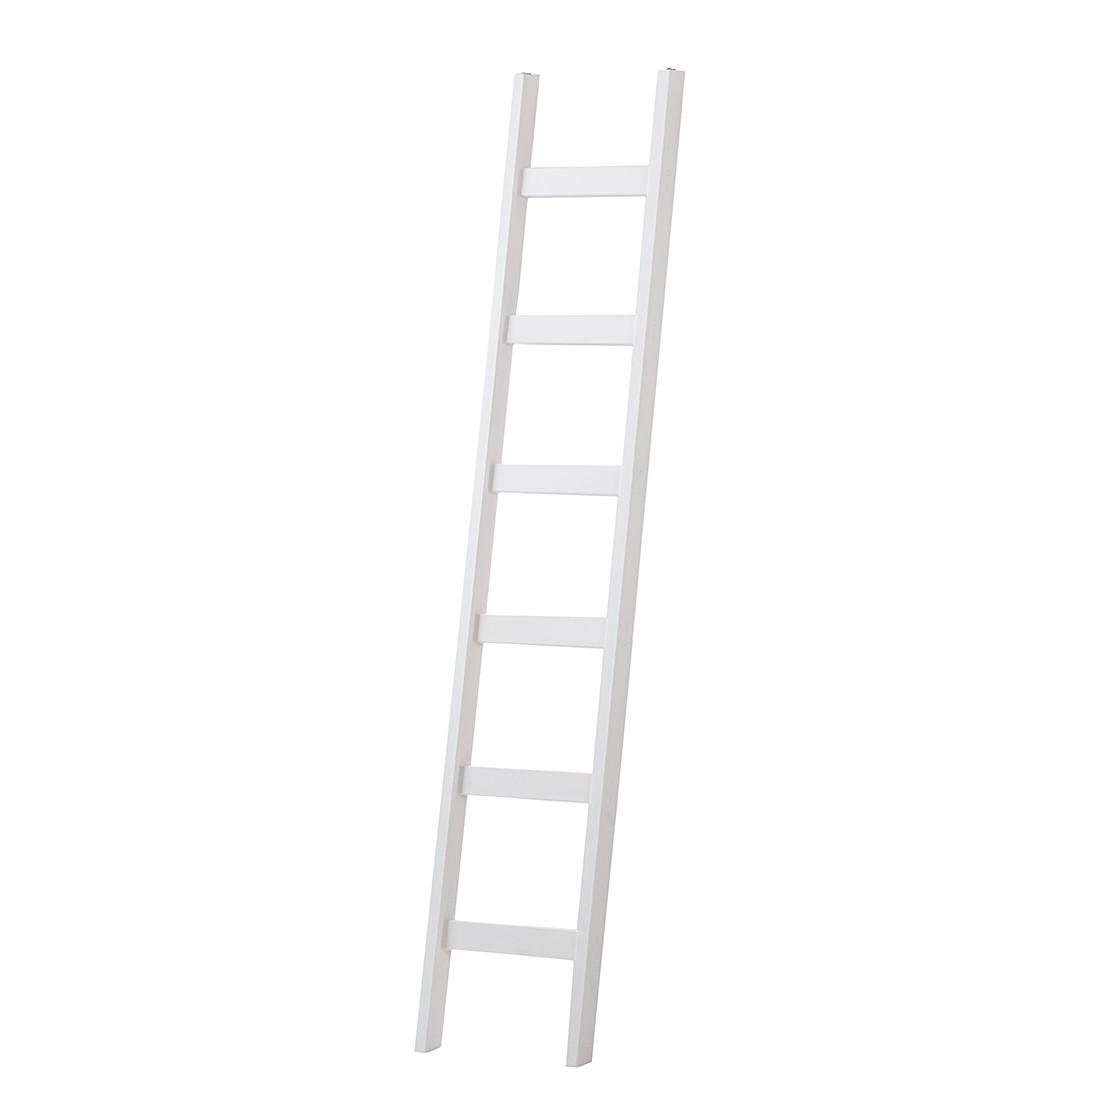 Houten ladders decoratie kopen?  Online Internetwinkel